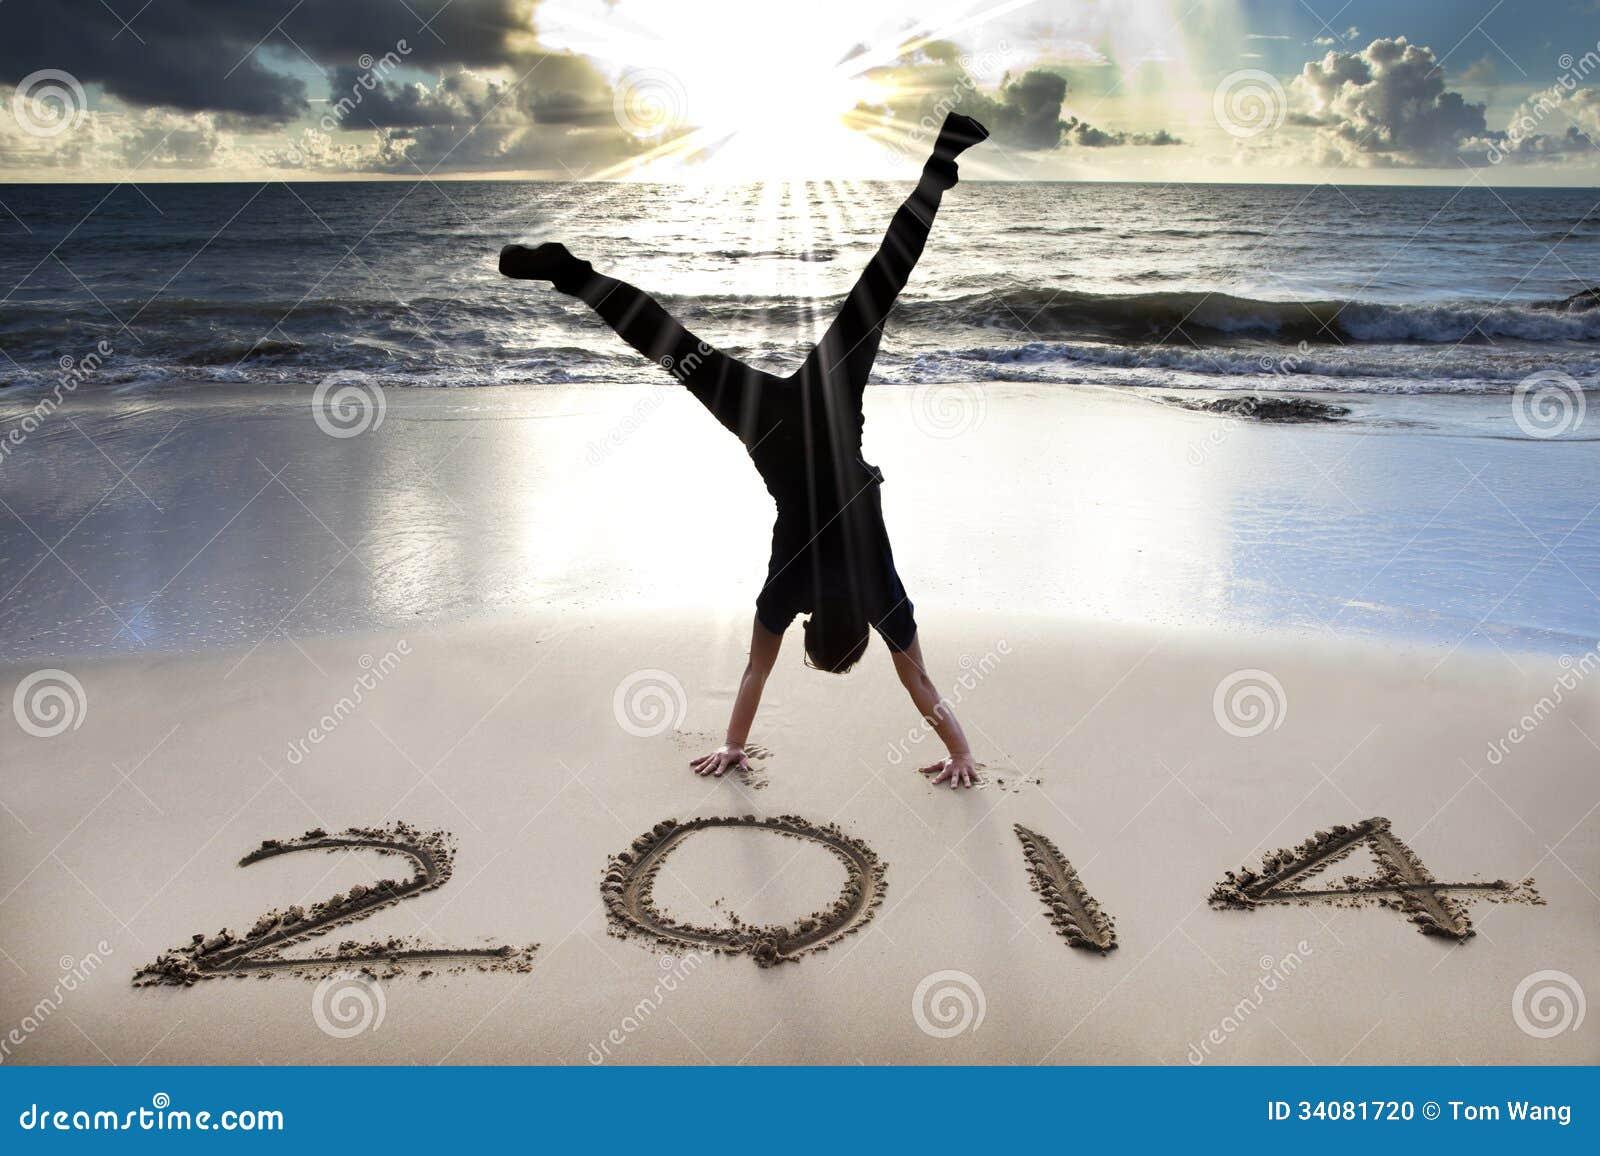 Guten rutsch ins neue jahr 2014 auf dem strand mit sonnenaufgang